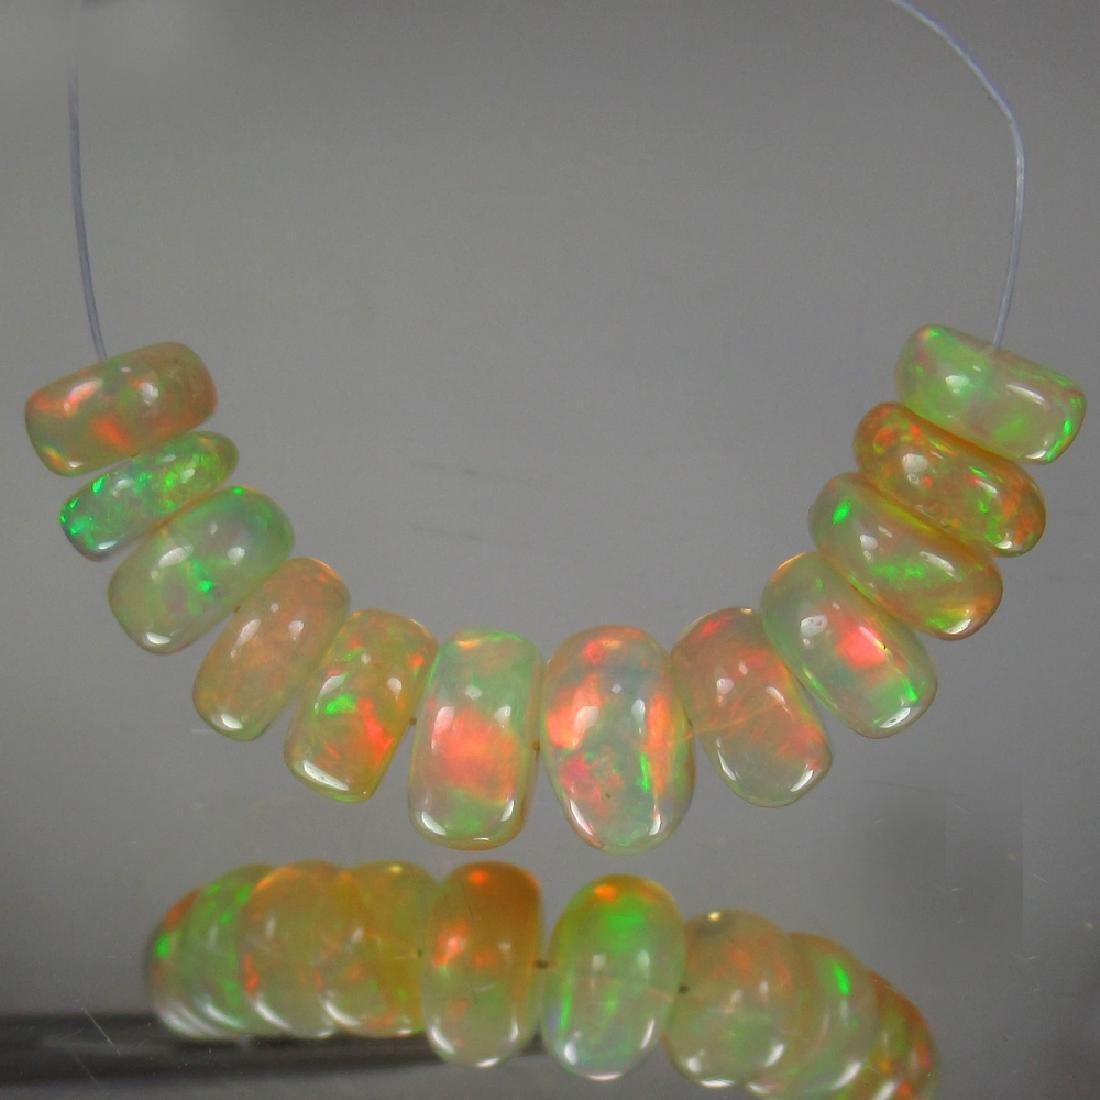 12.03 Carat Natural Loose Opal Beads Set - 2